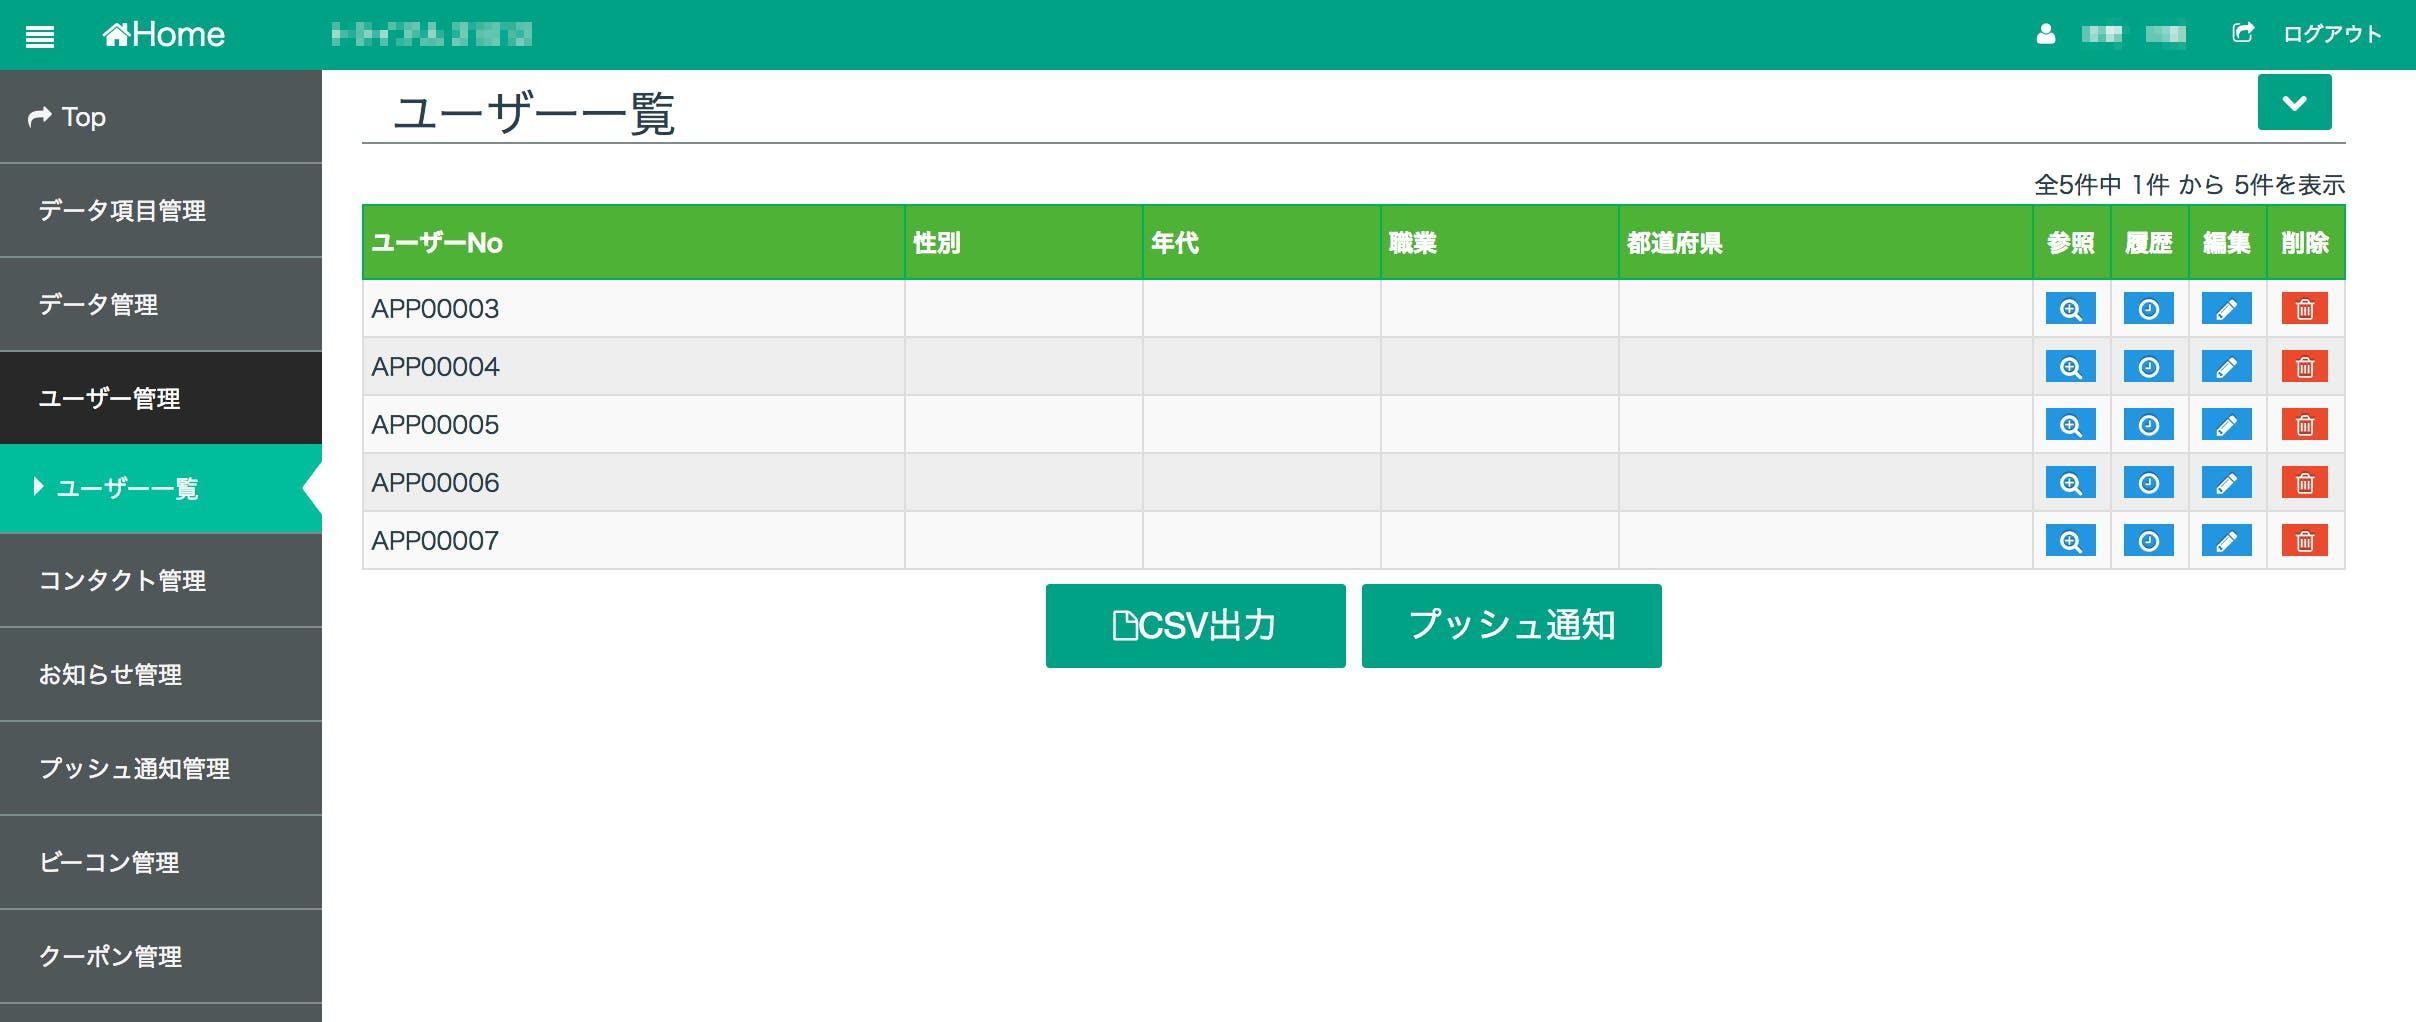 スクリーンショット 2017-03-19 23.48.48.png